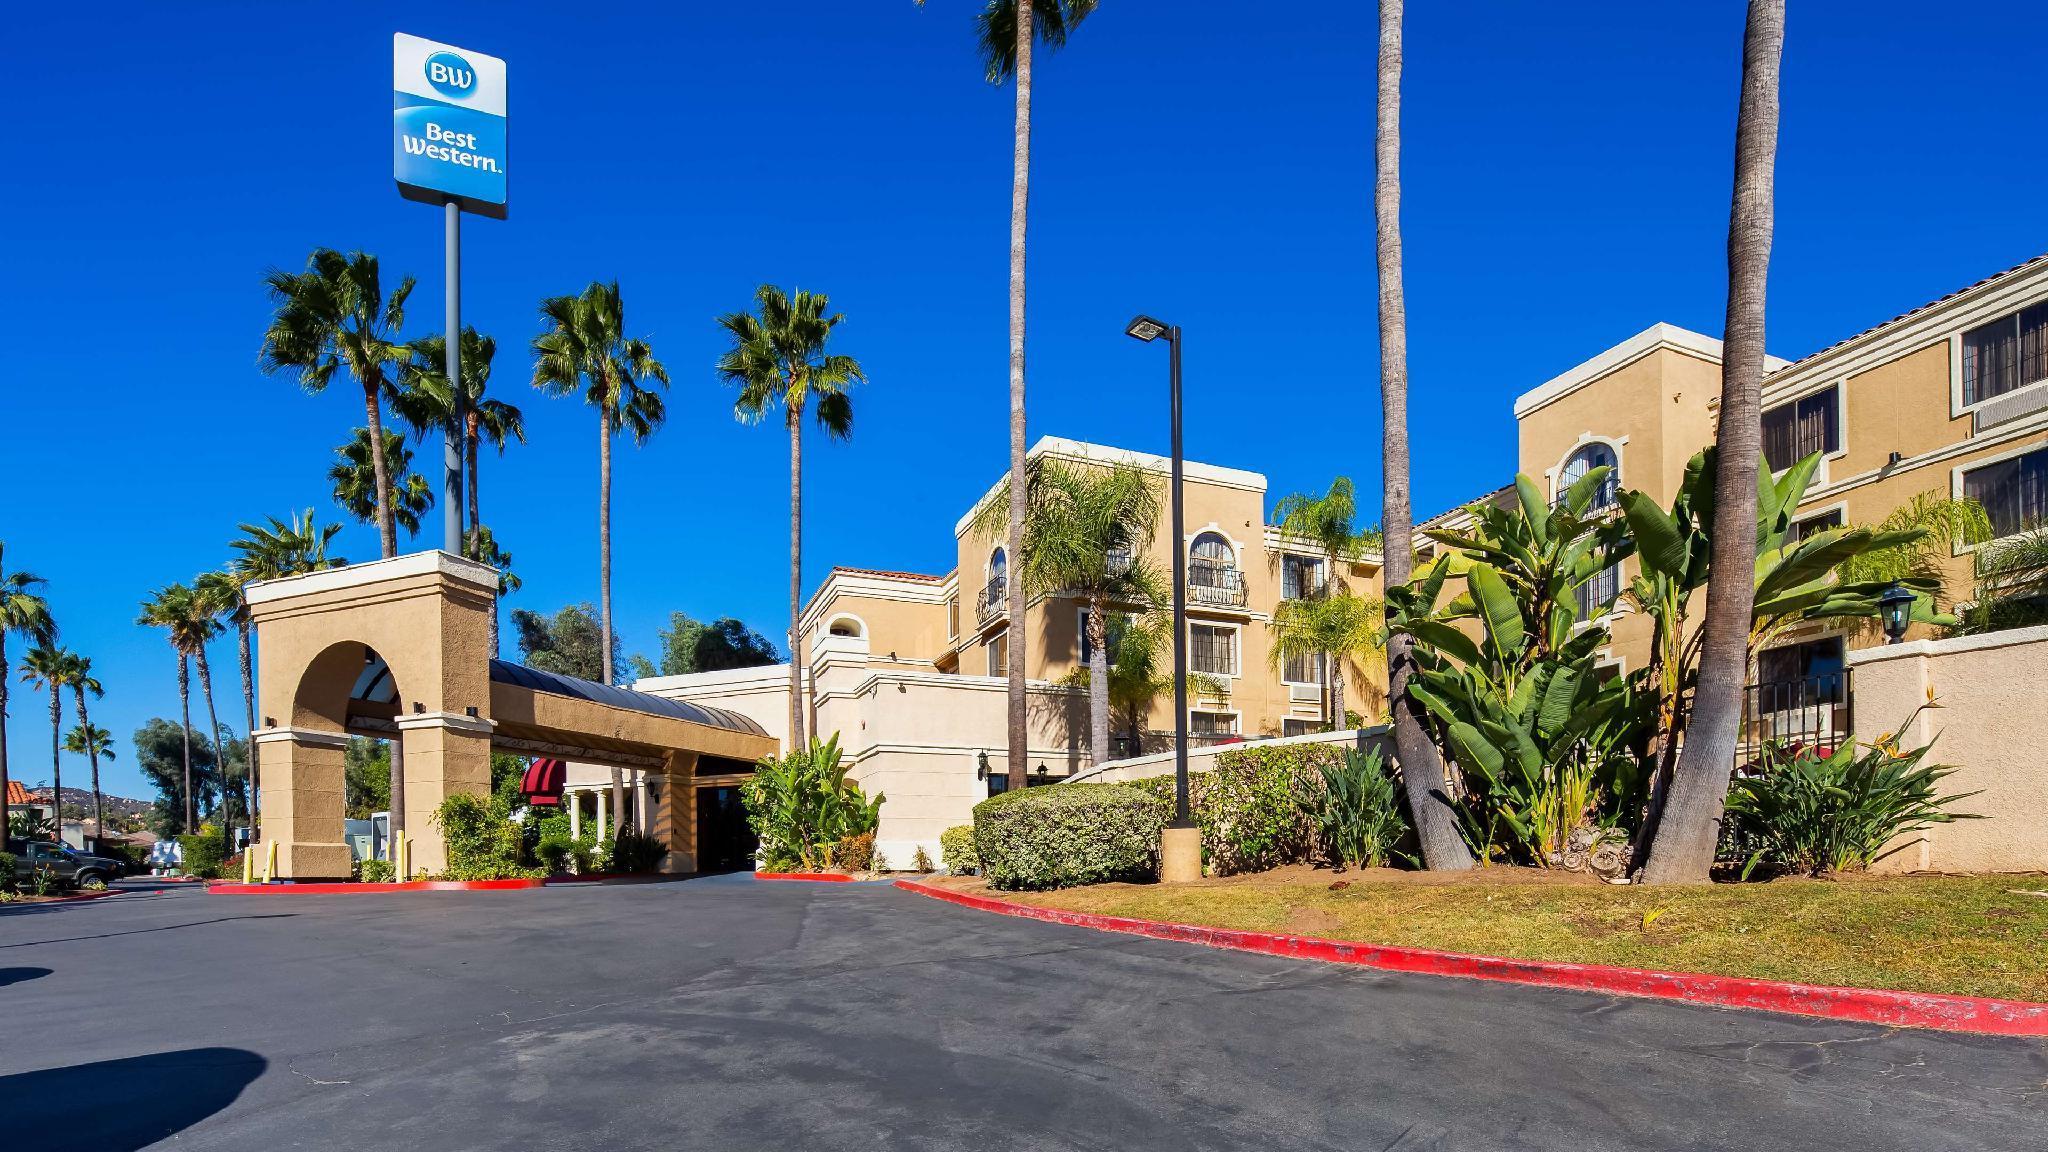 Best Western Escondido Hotel